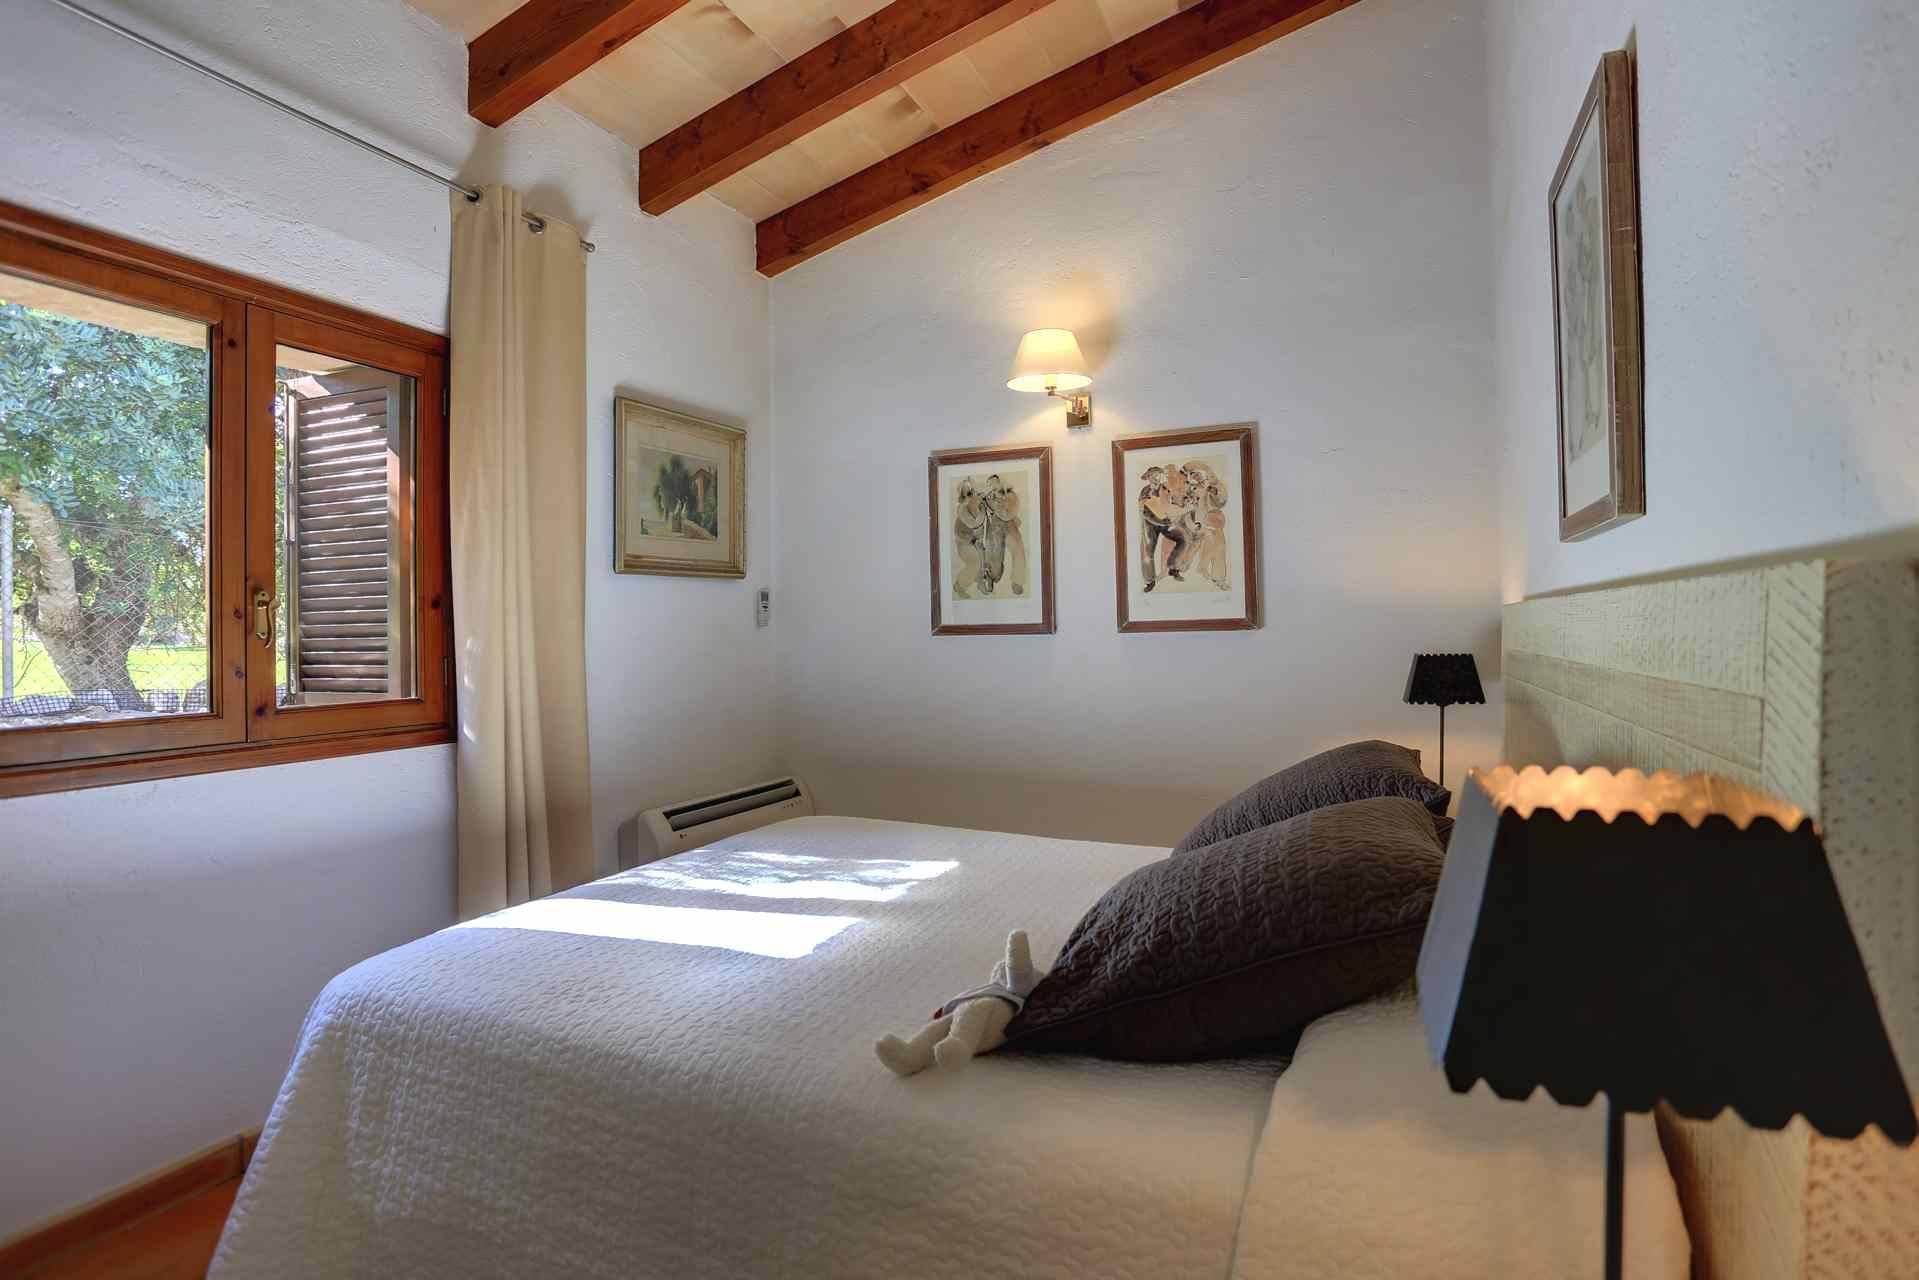 01-11 Traditionelle Finca Mallorca Norden Bild 25